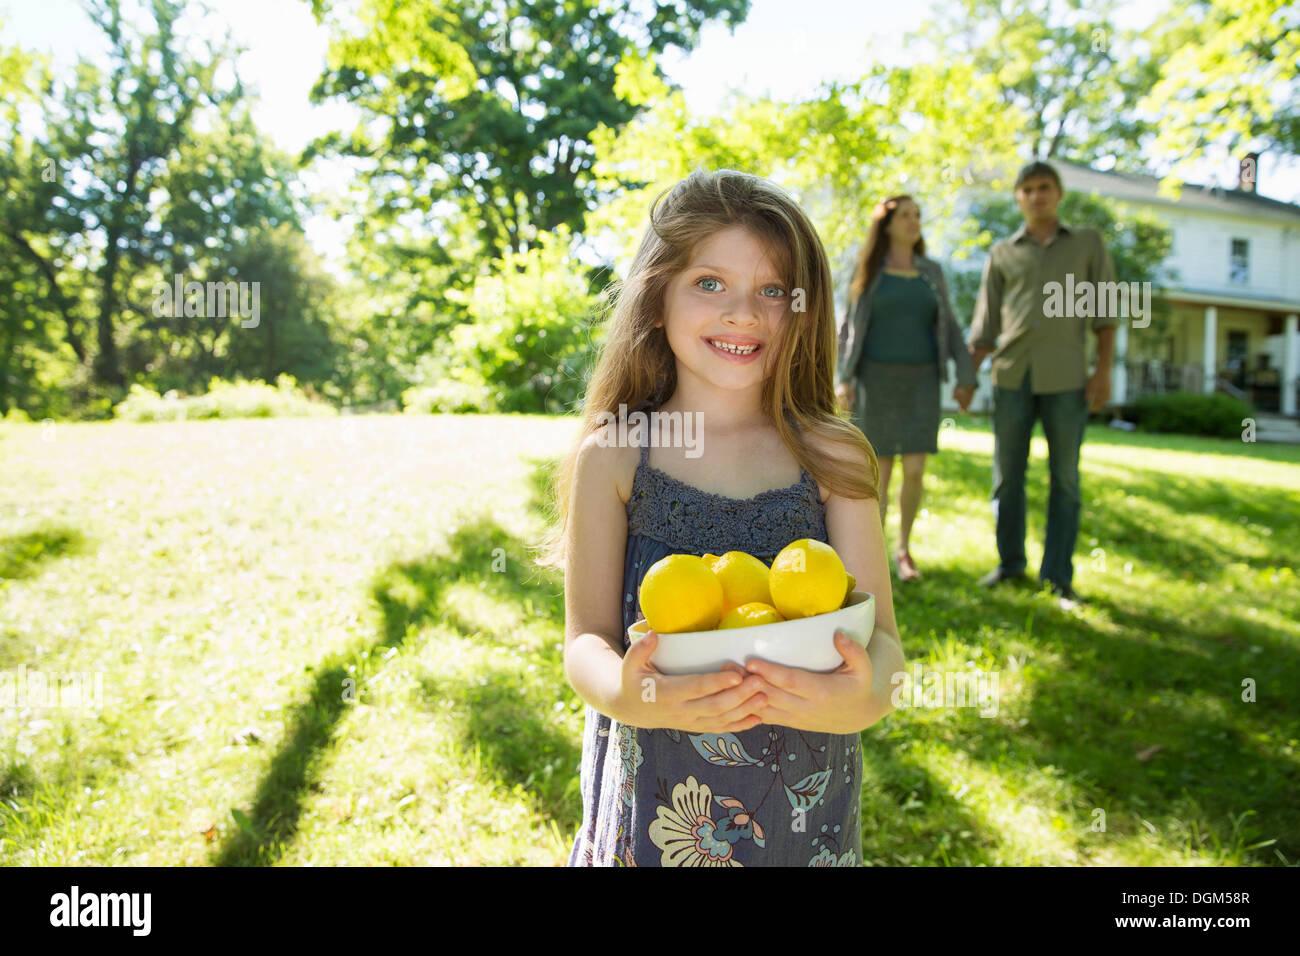 Ferme. Les enfants et les adultes travaillent ensemble. A girl holding a crate de citrons, fruits frais. Deux adultes à l'arrière-plan. Photo Stock